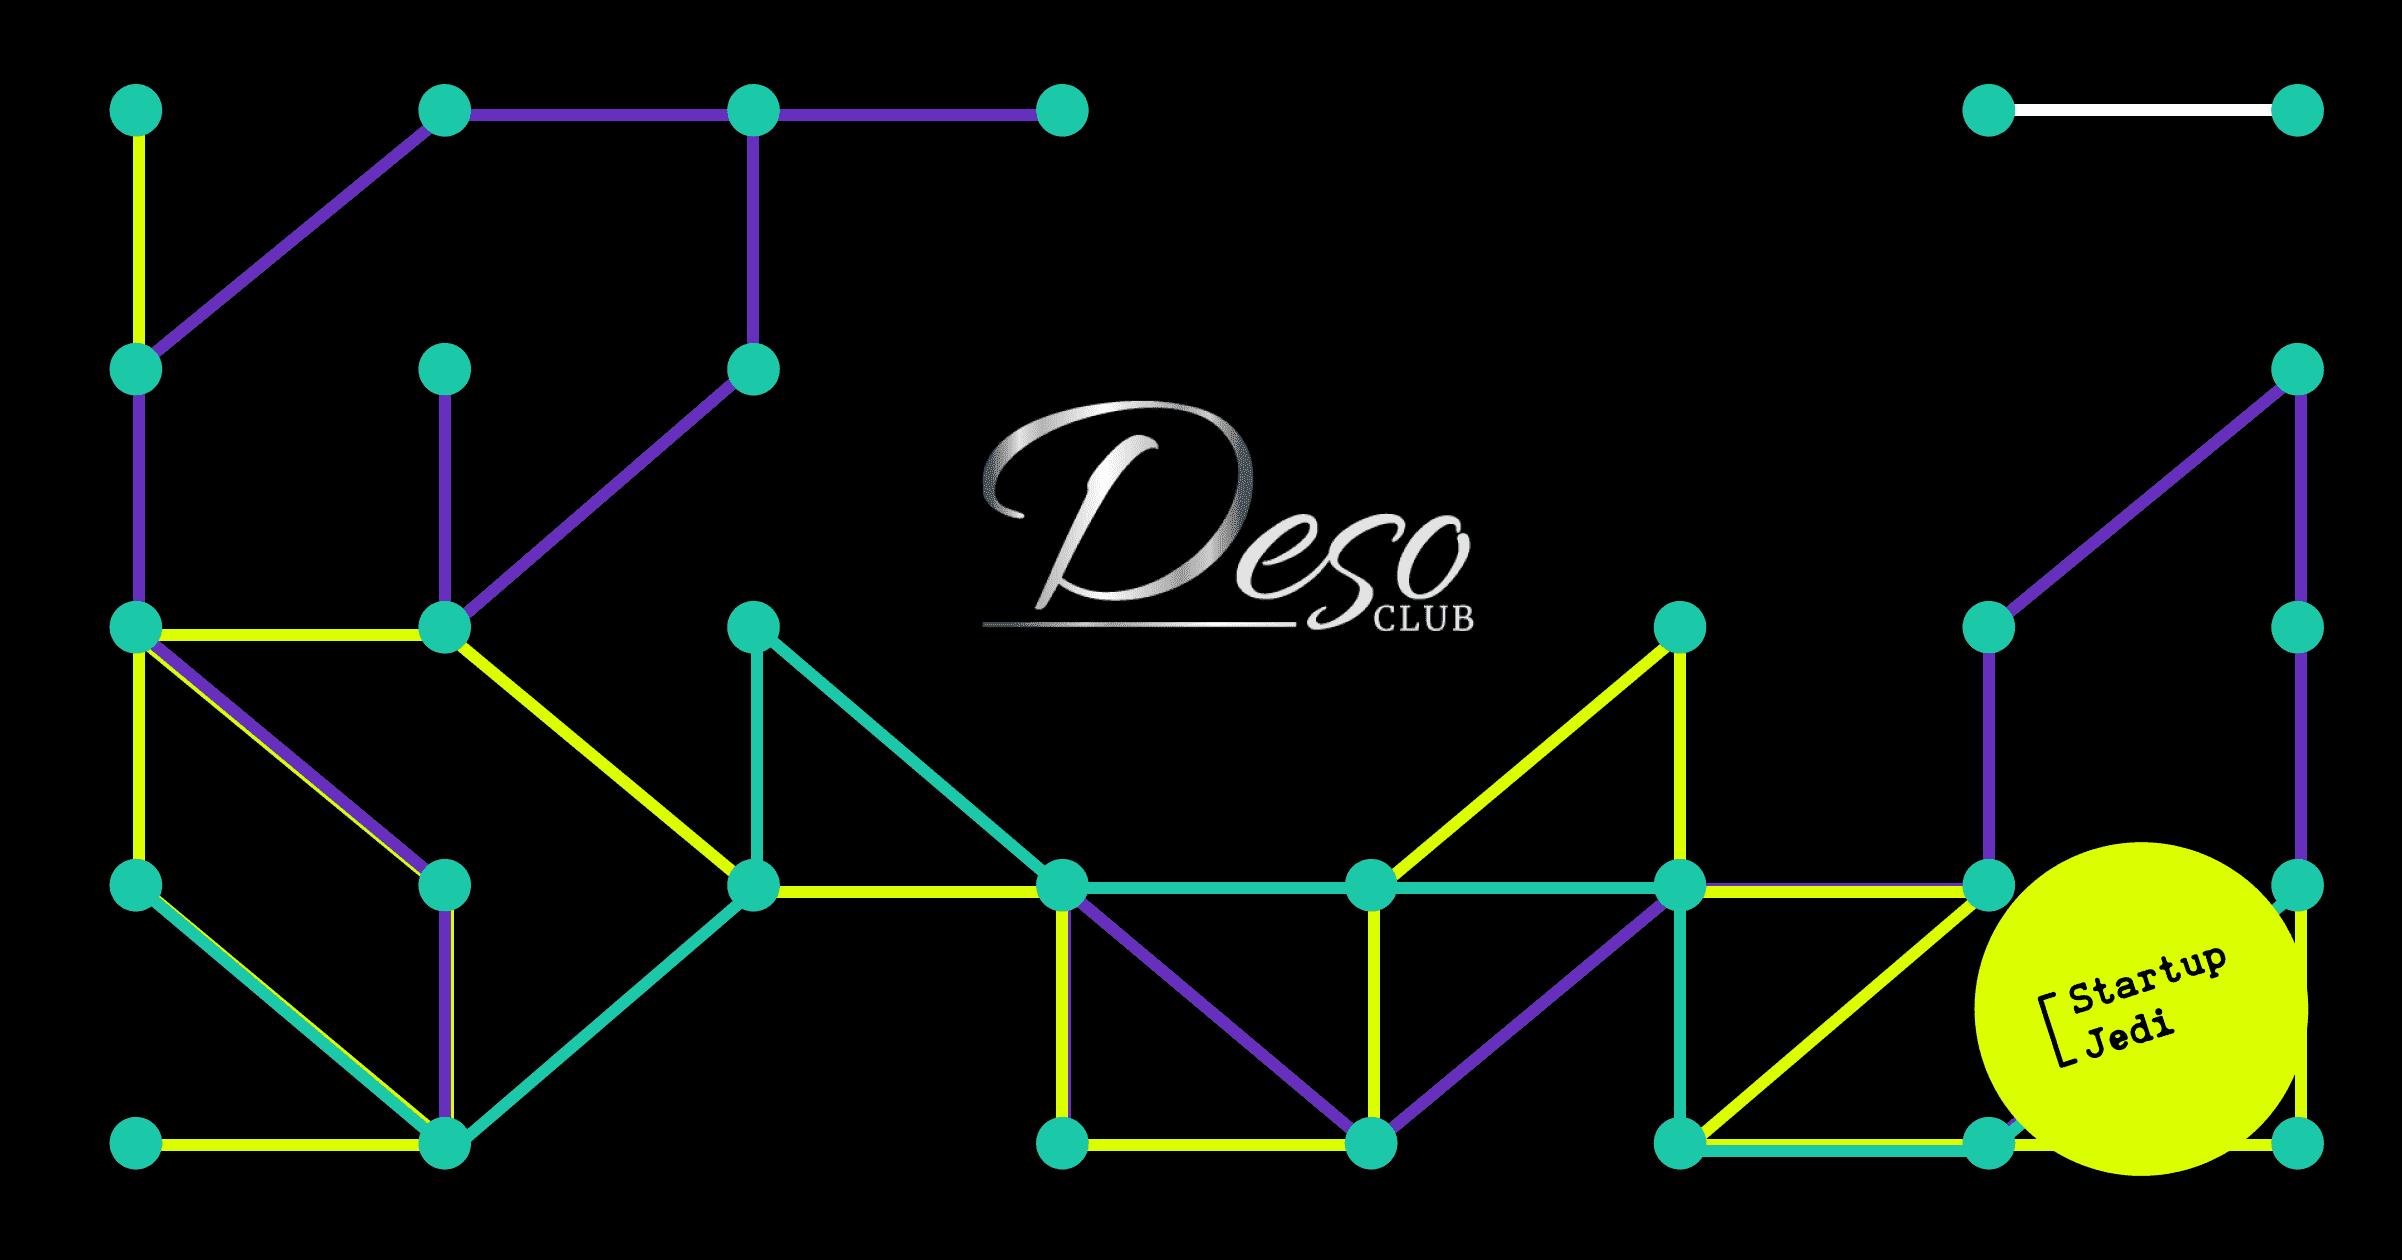 Deso Club investors